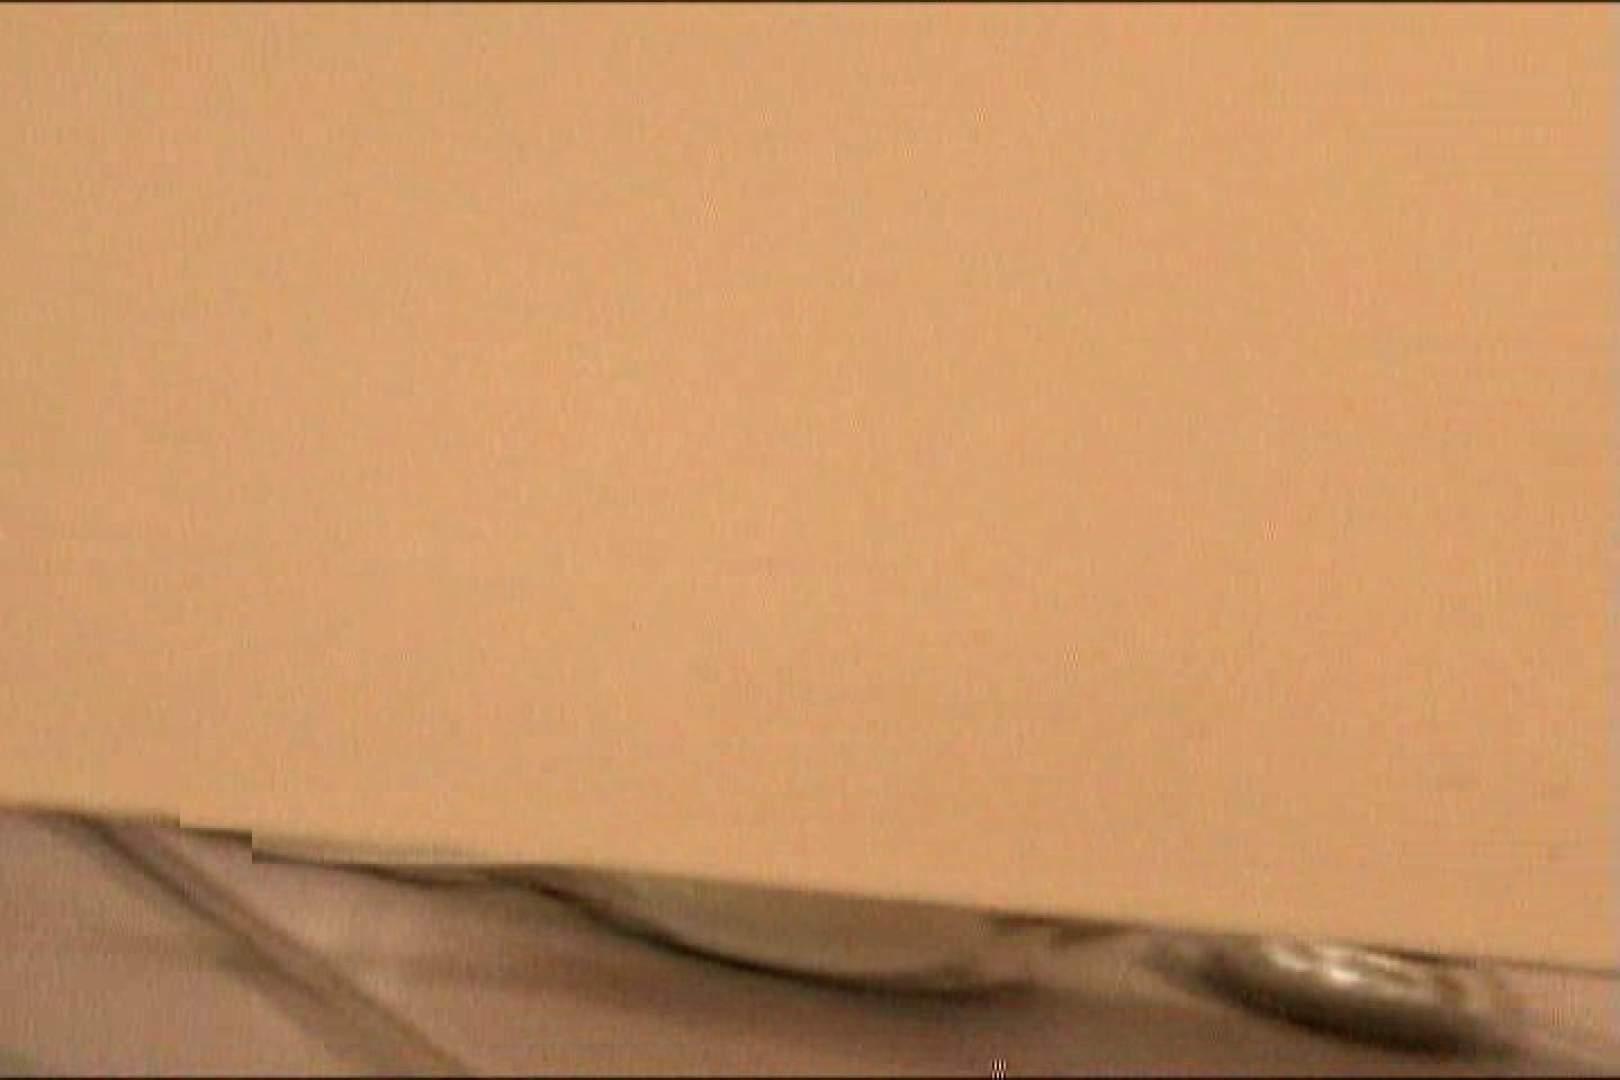 マンコ丸見え女子洗面所Vol.6 丸見え | 排泄  107画像 49